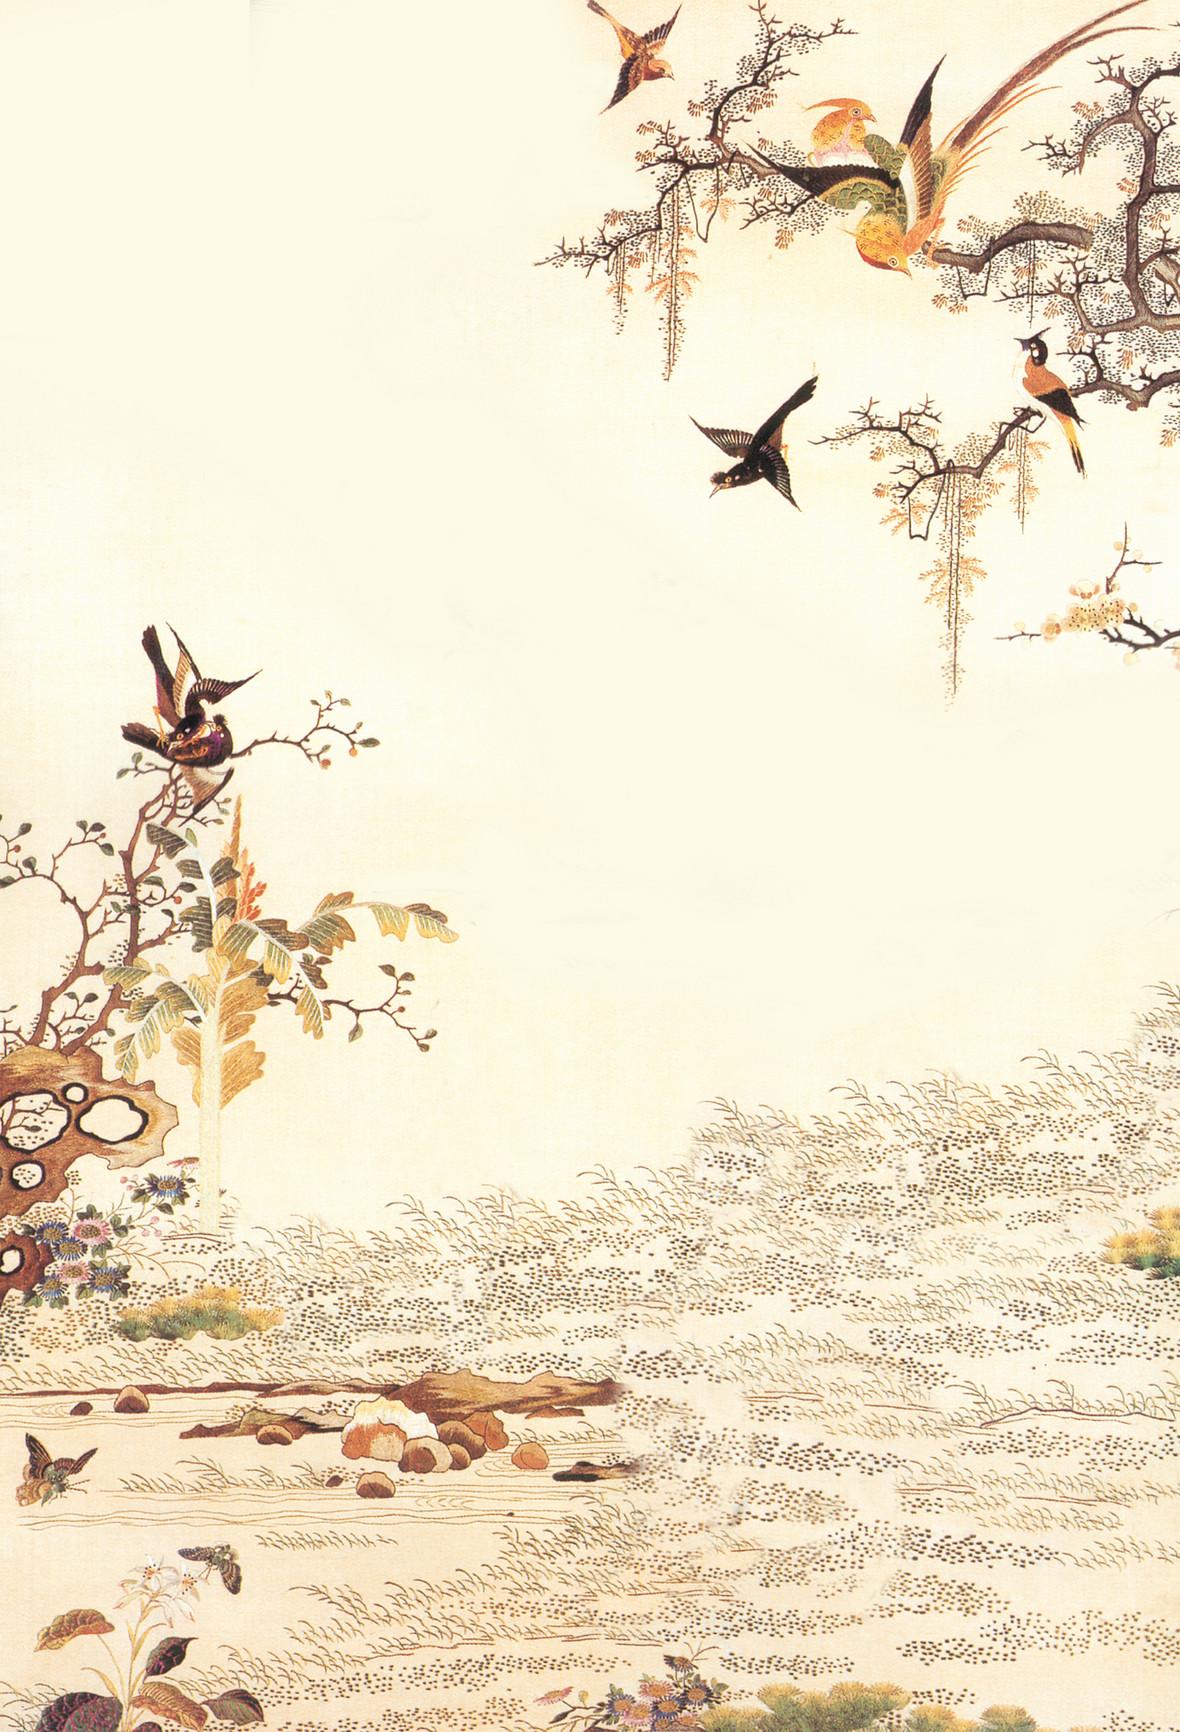 父亲节文艺手绘背景渲染水墨中国风背景